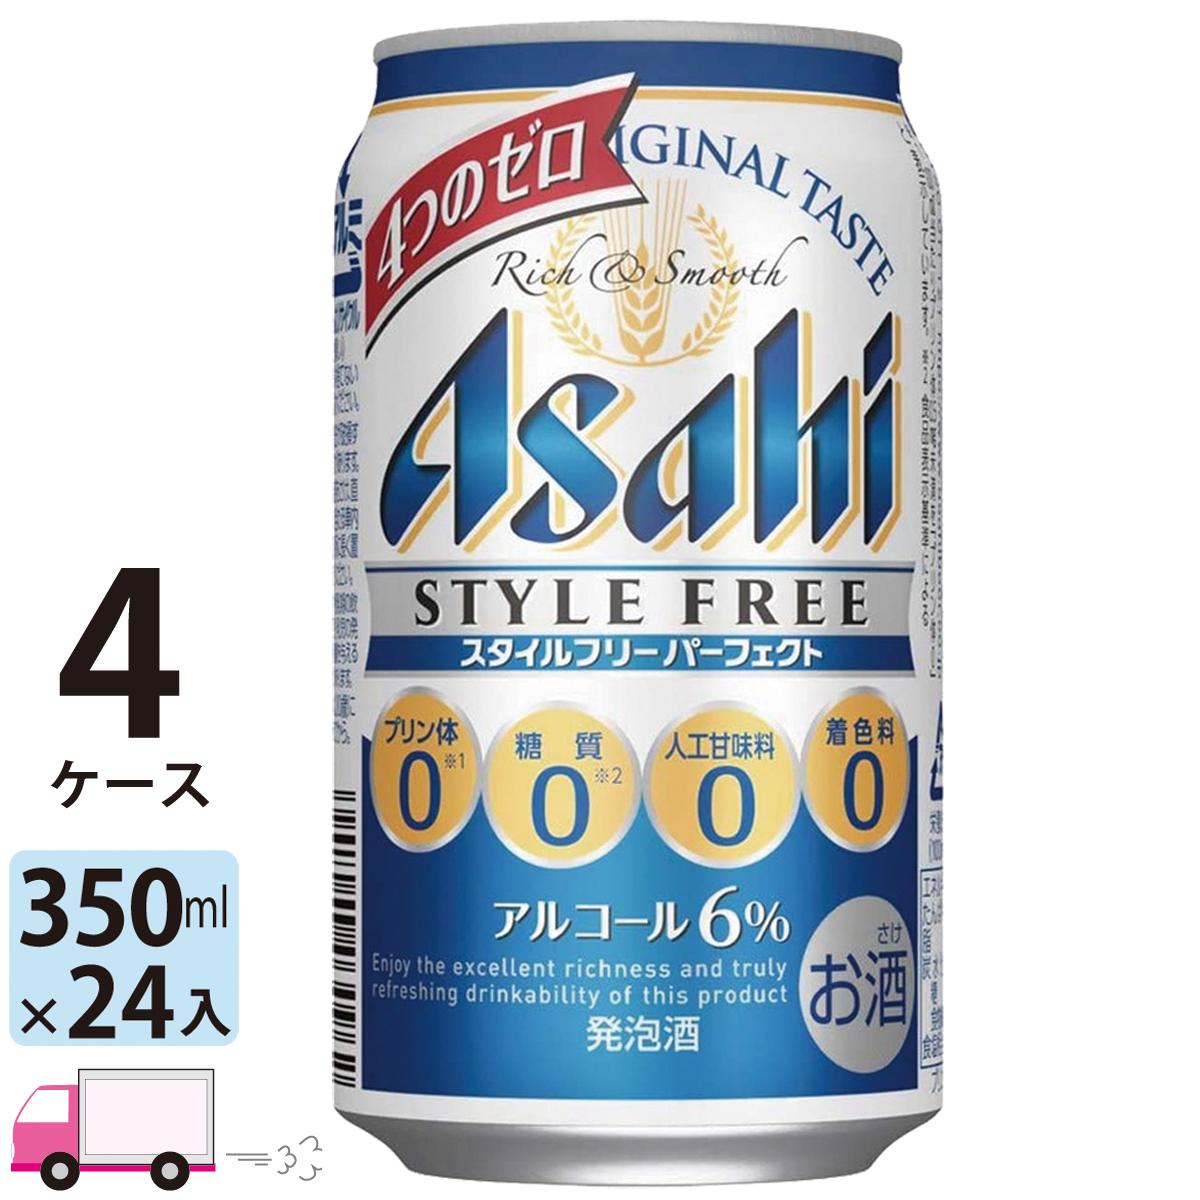 「プリン体0」「糖質0」「人工甘味料0」「着色料0」、4つのゼロを達成した発泡酒です。 送料無料 アサヒ ビール スタイルフリーパーフェクト 350ml ×24缶入 4ケース (96本)